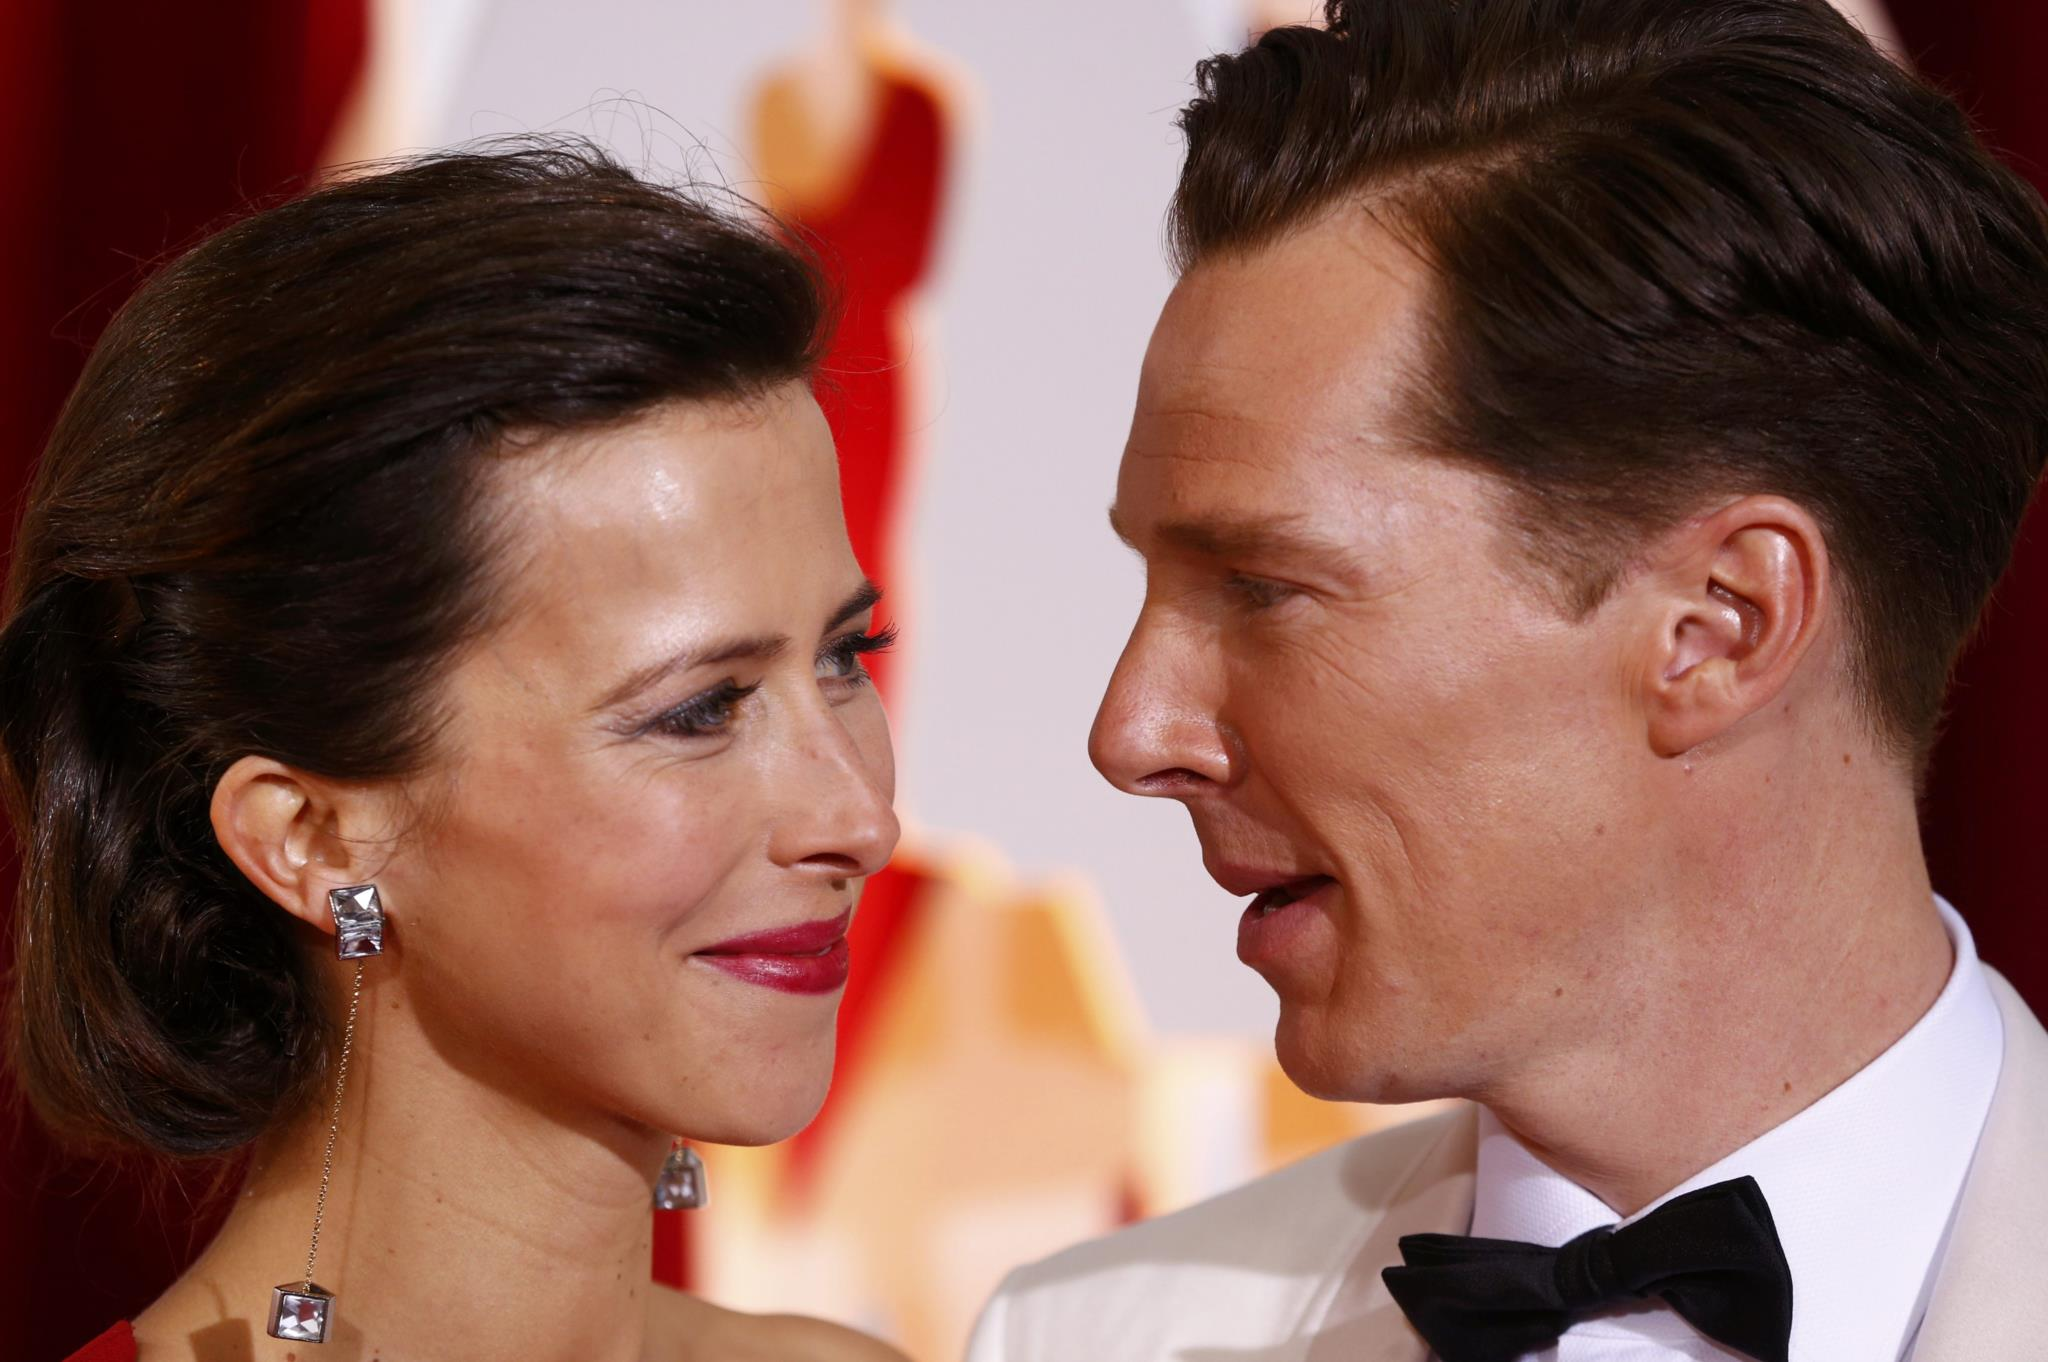 Benedict Cumberbatch e Sophie Hunter à espera do segundo filho